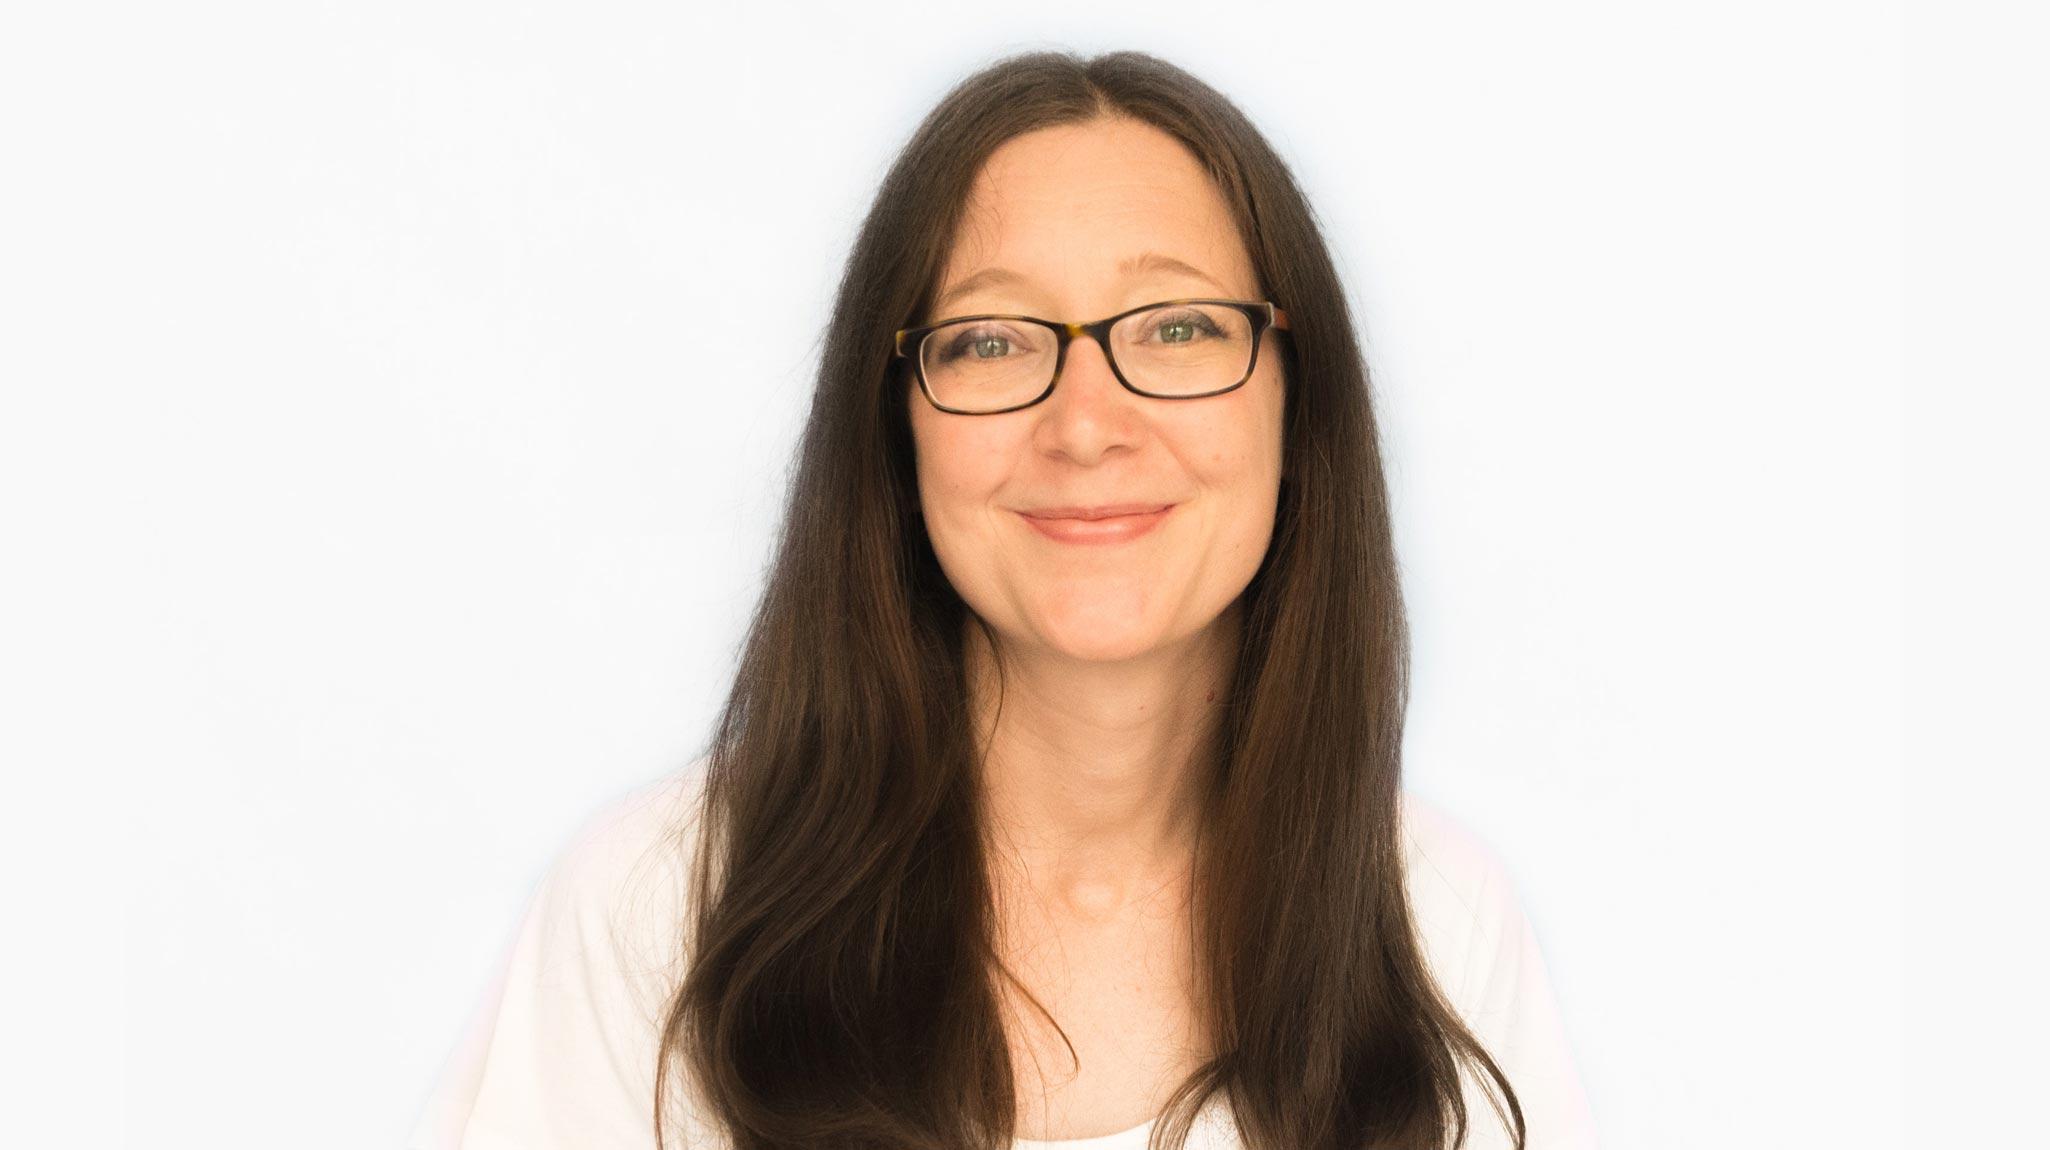 Die Unternehmerin Hannah Pehlrgimm der Praxis für Ganzheitliche Frauenheilkunde hat langes braunes Haar und trägt eine gerahmte Brille. Sie lächelt frontal in die Kamera.